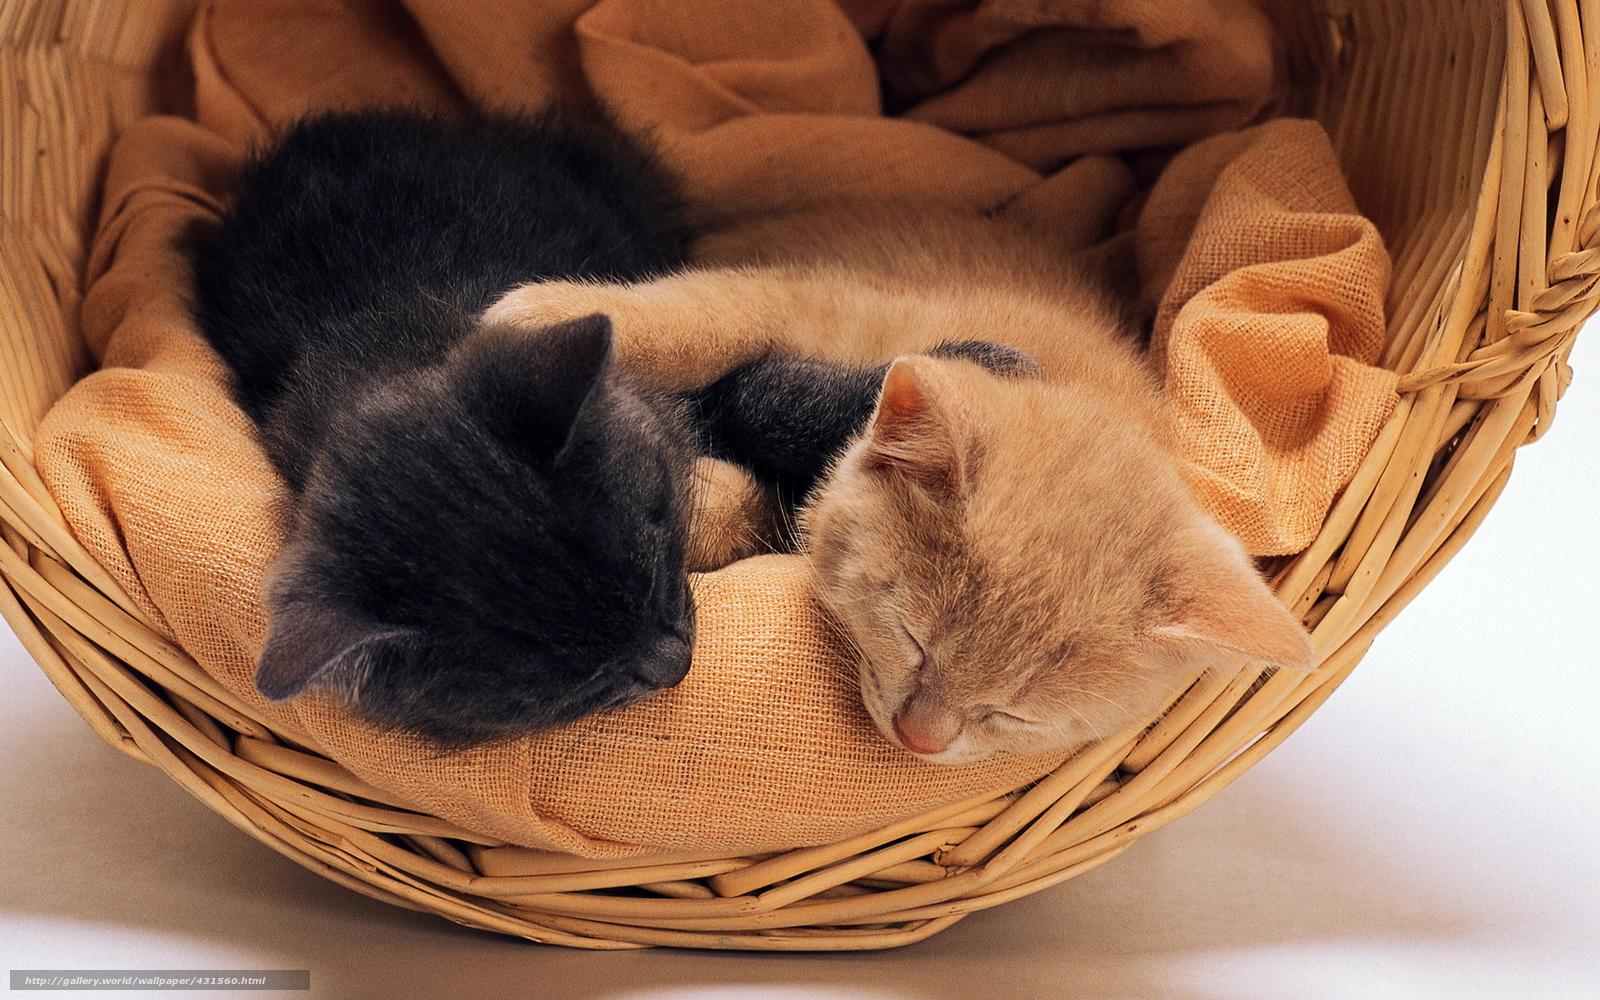 Обои на рабочий стол коты обнимаются